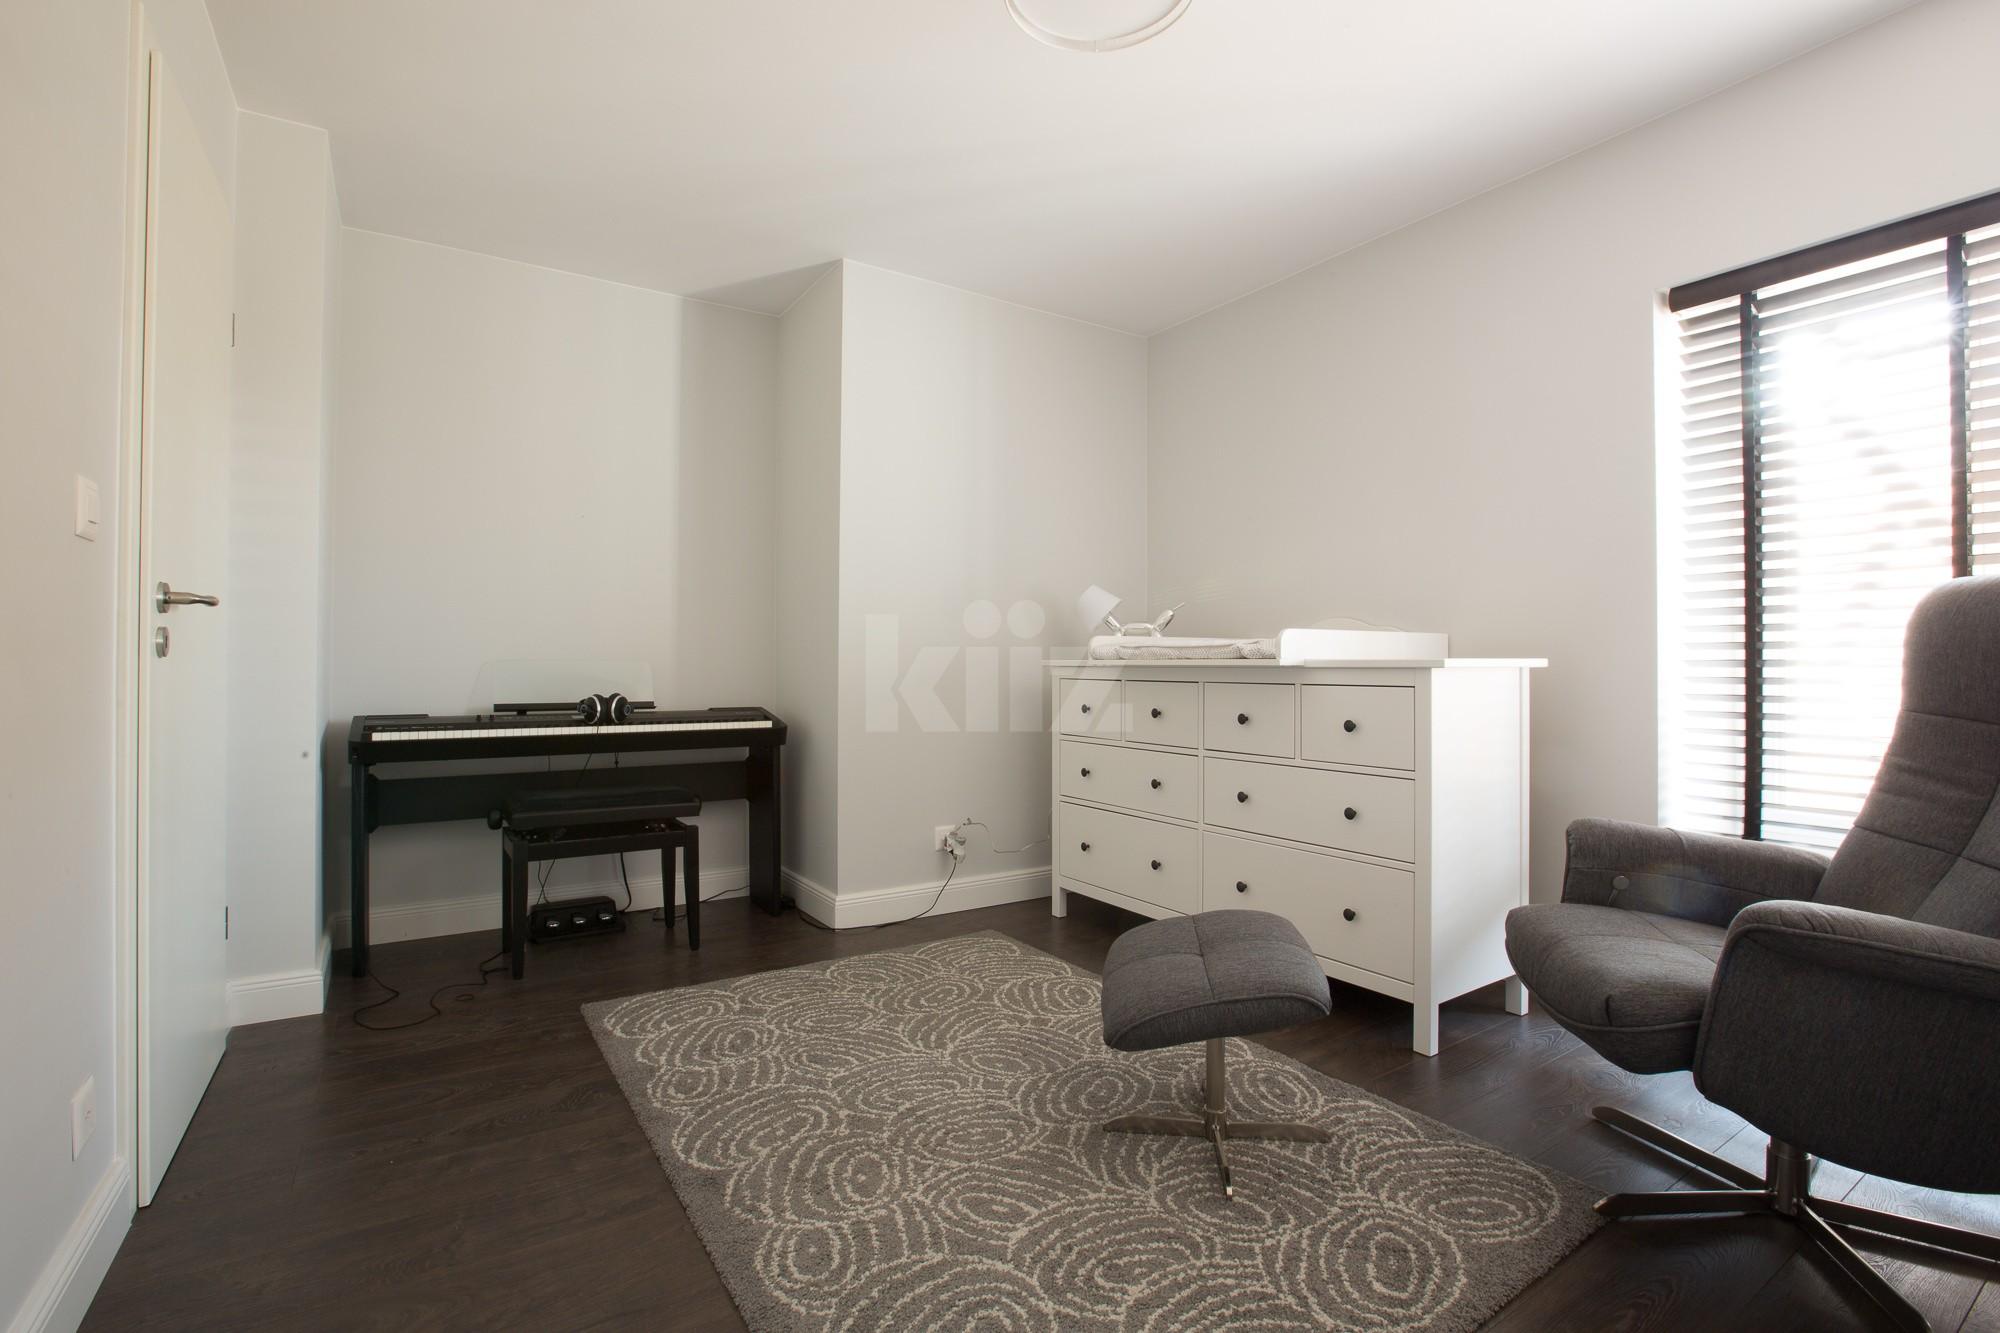 VENDU! Splendide appartement entièrement rénové avec goût - 9